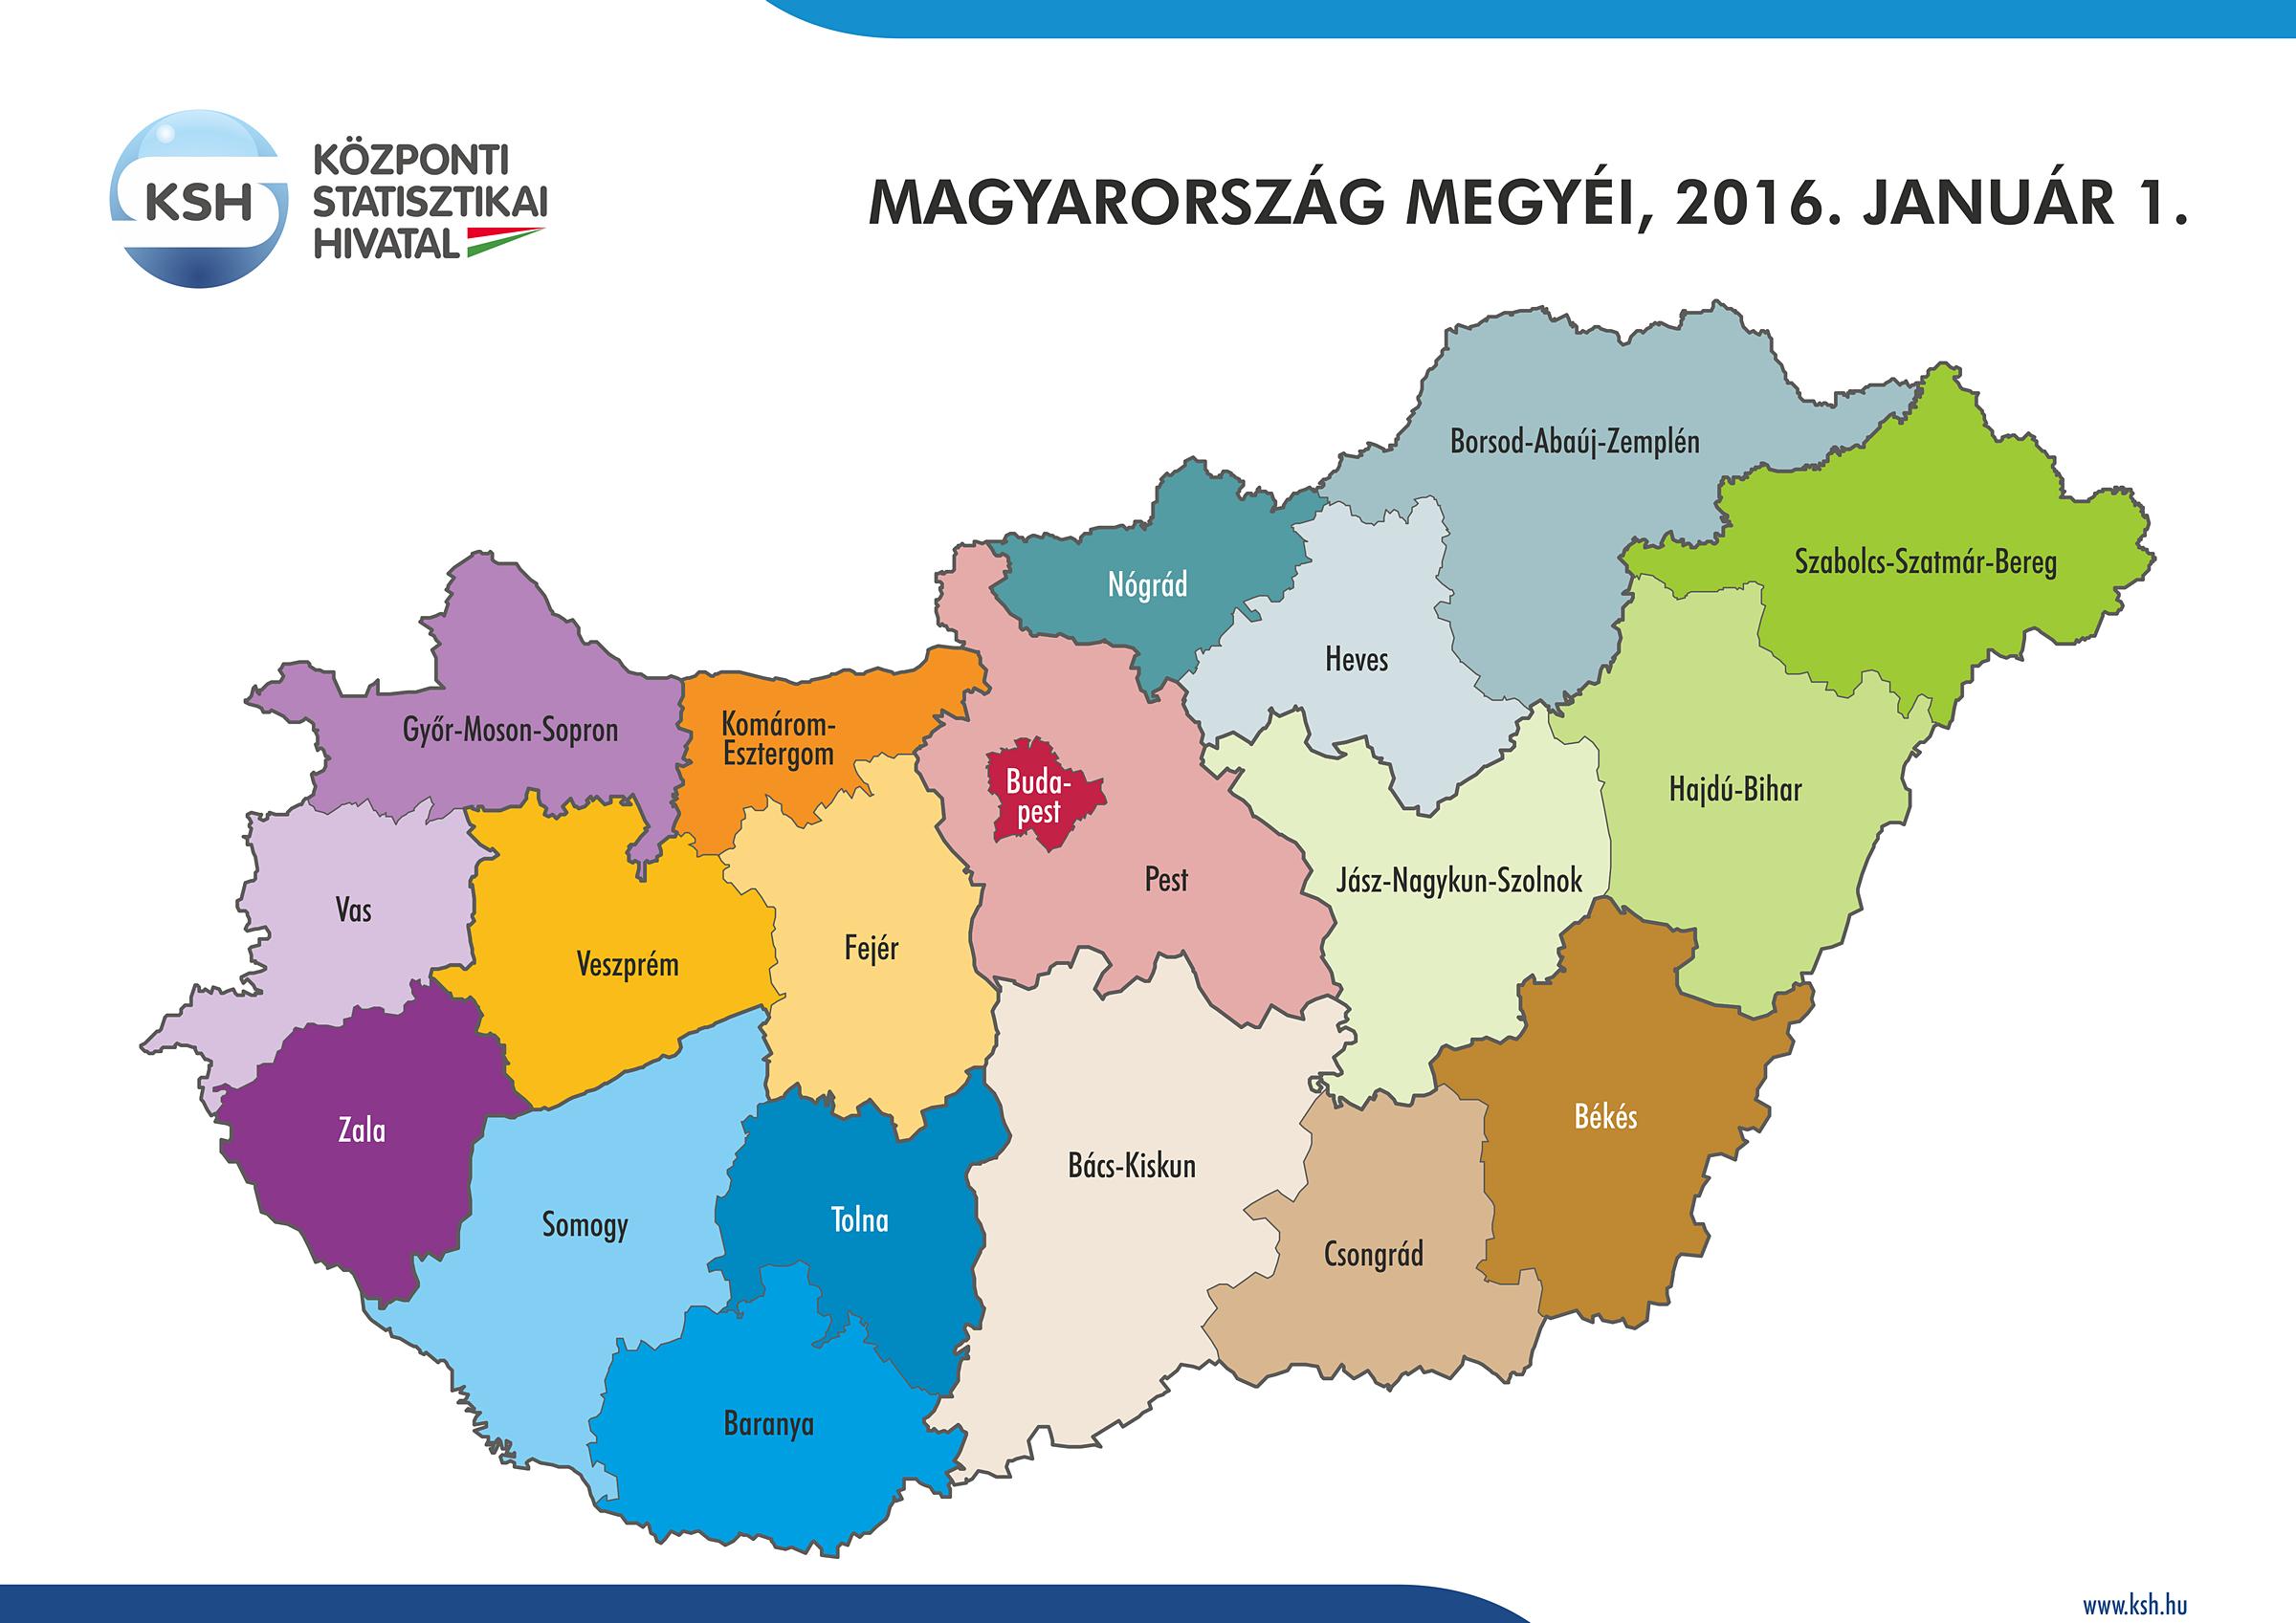 magyarország megyéi térkép Központi Statisztikai Hivatal magyarország megyéi térkép